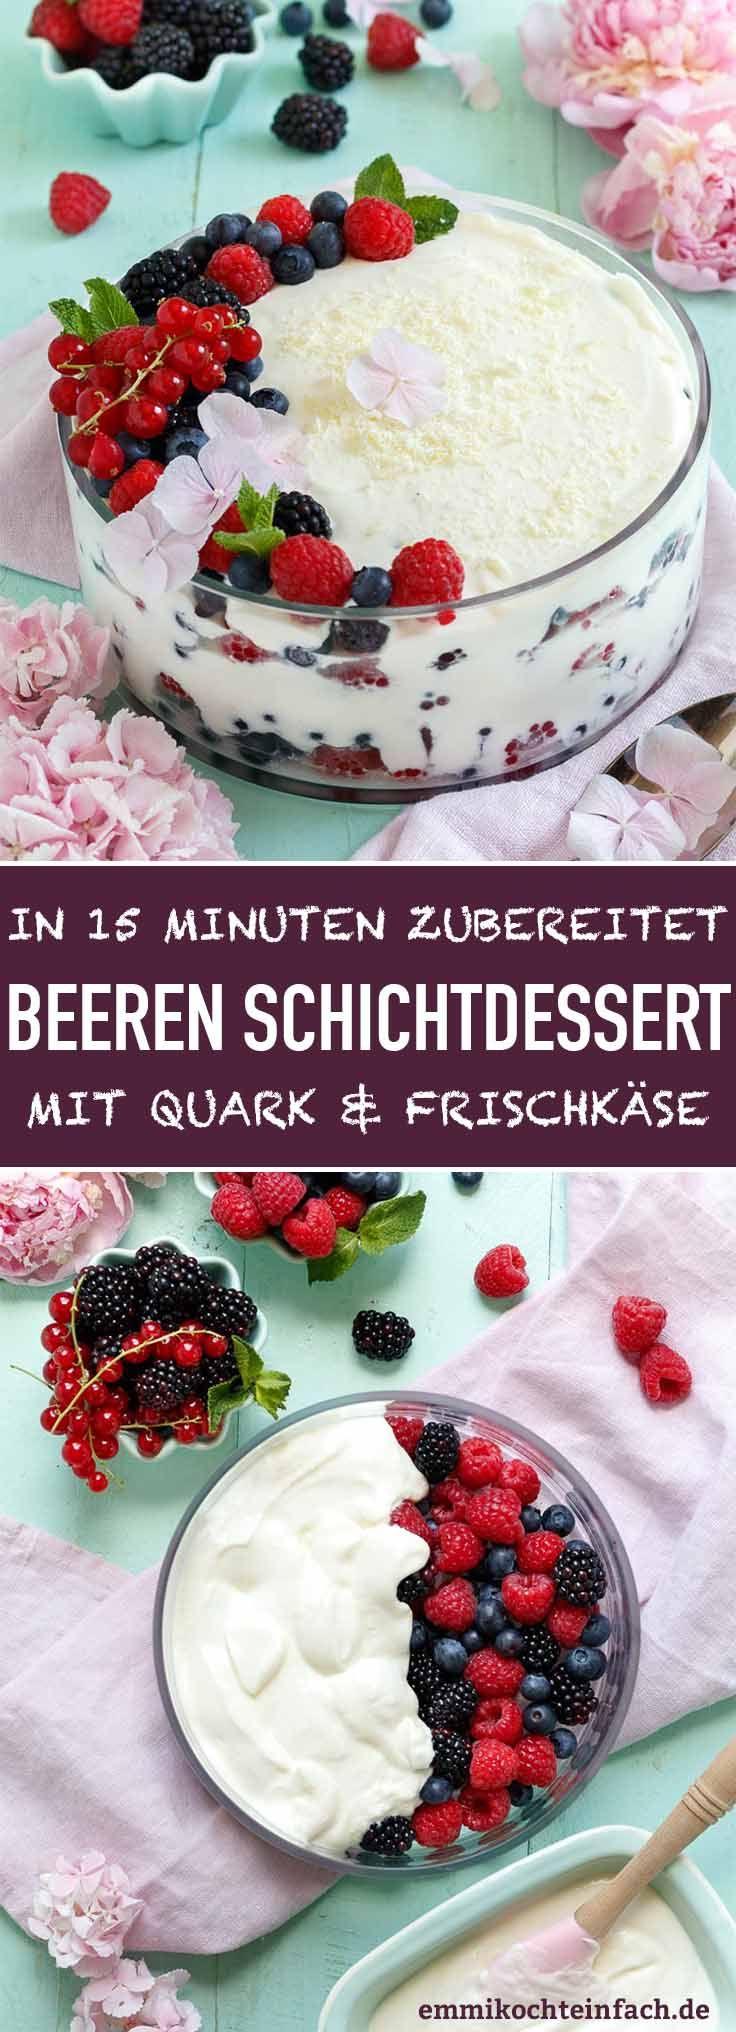 Beeren Schichtdessert mit Quark und Frischkäse #creamdesserts